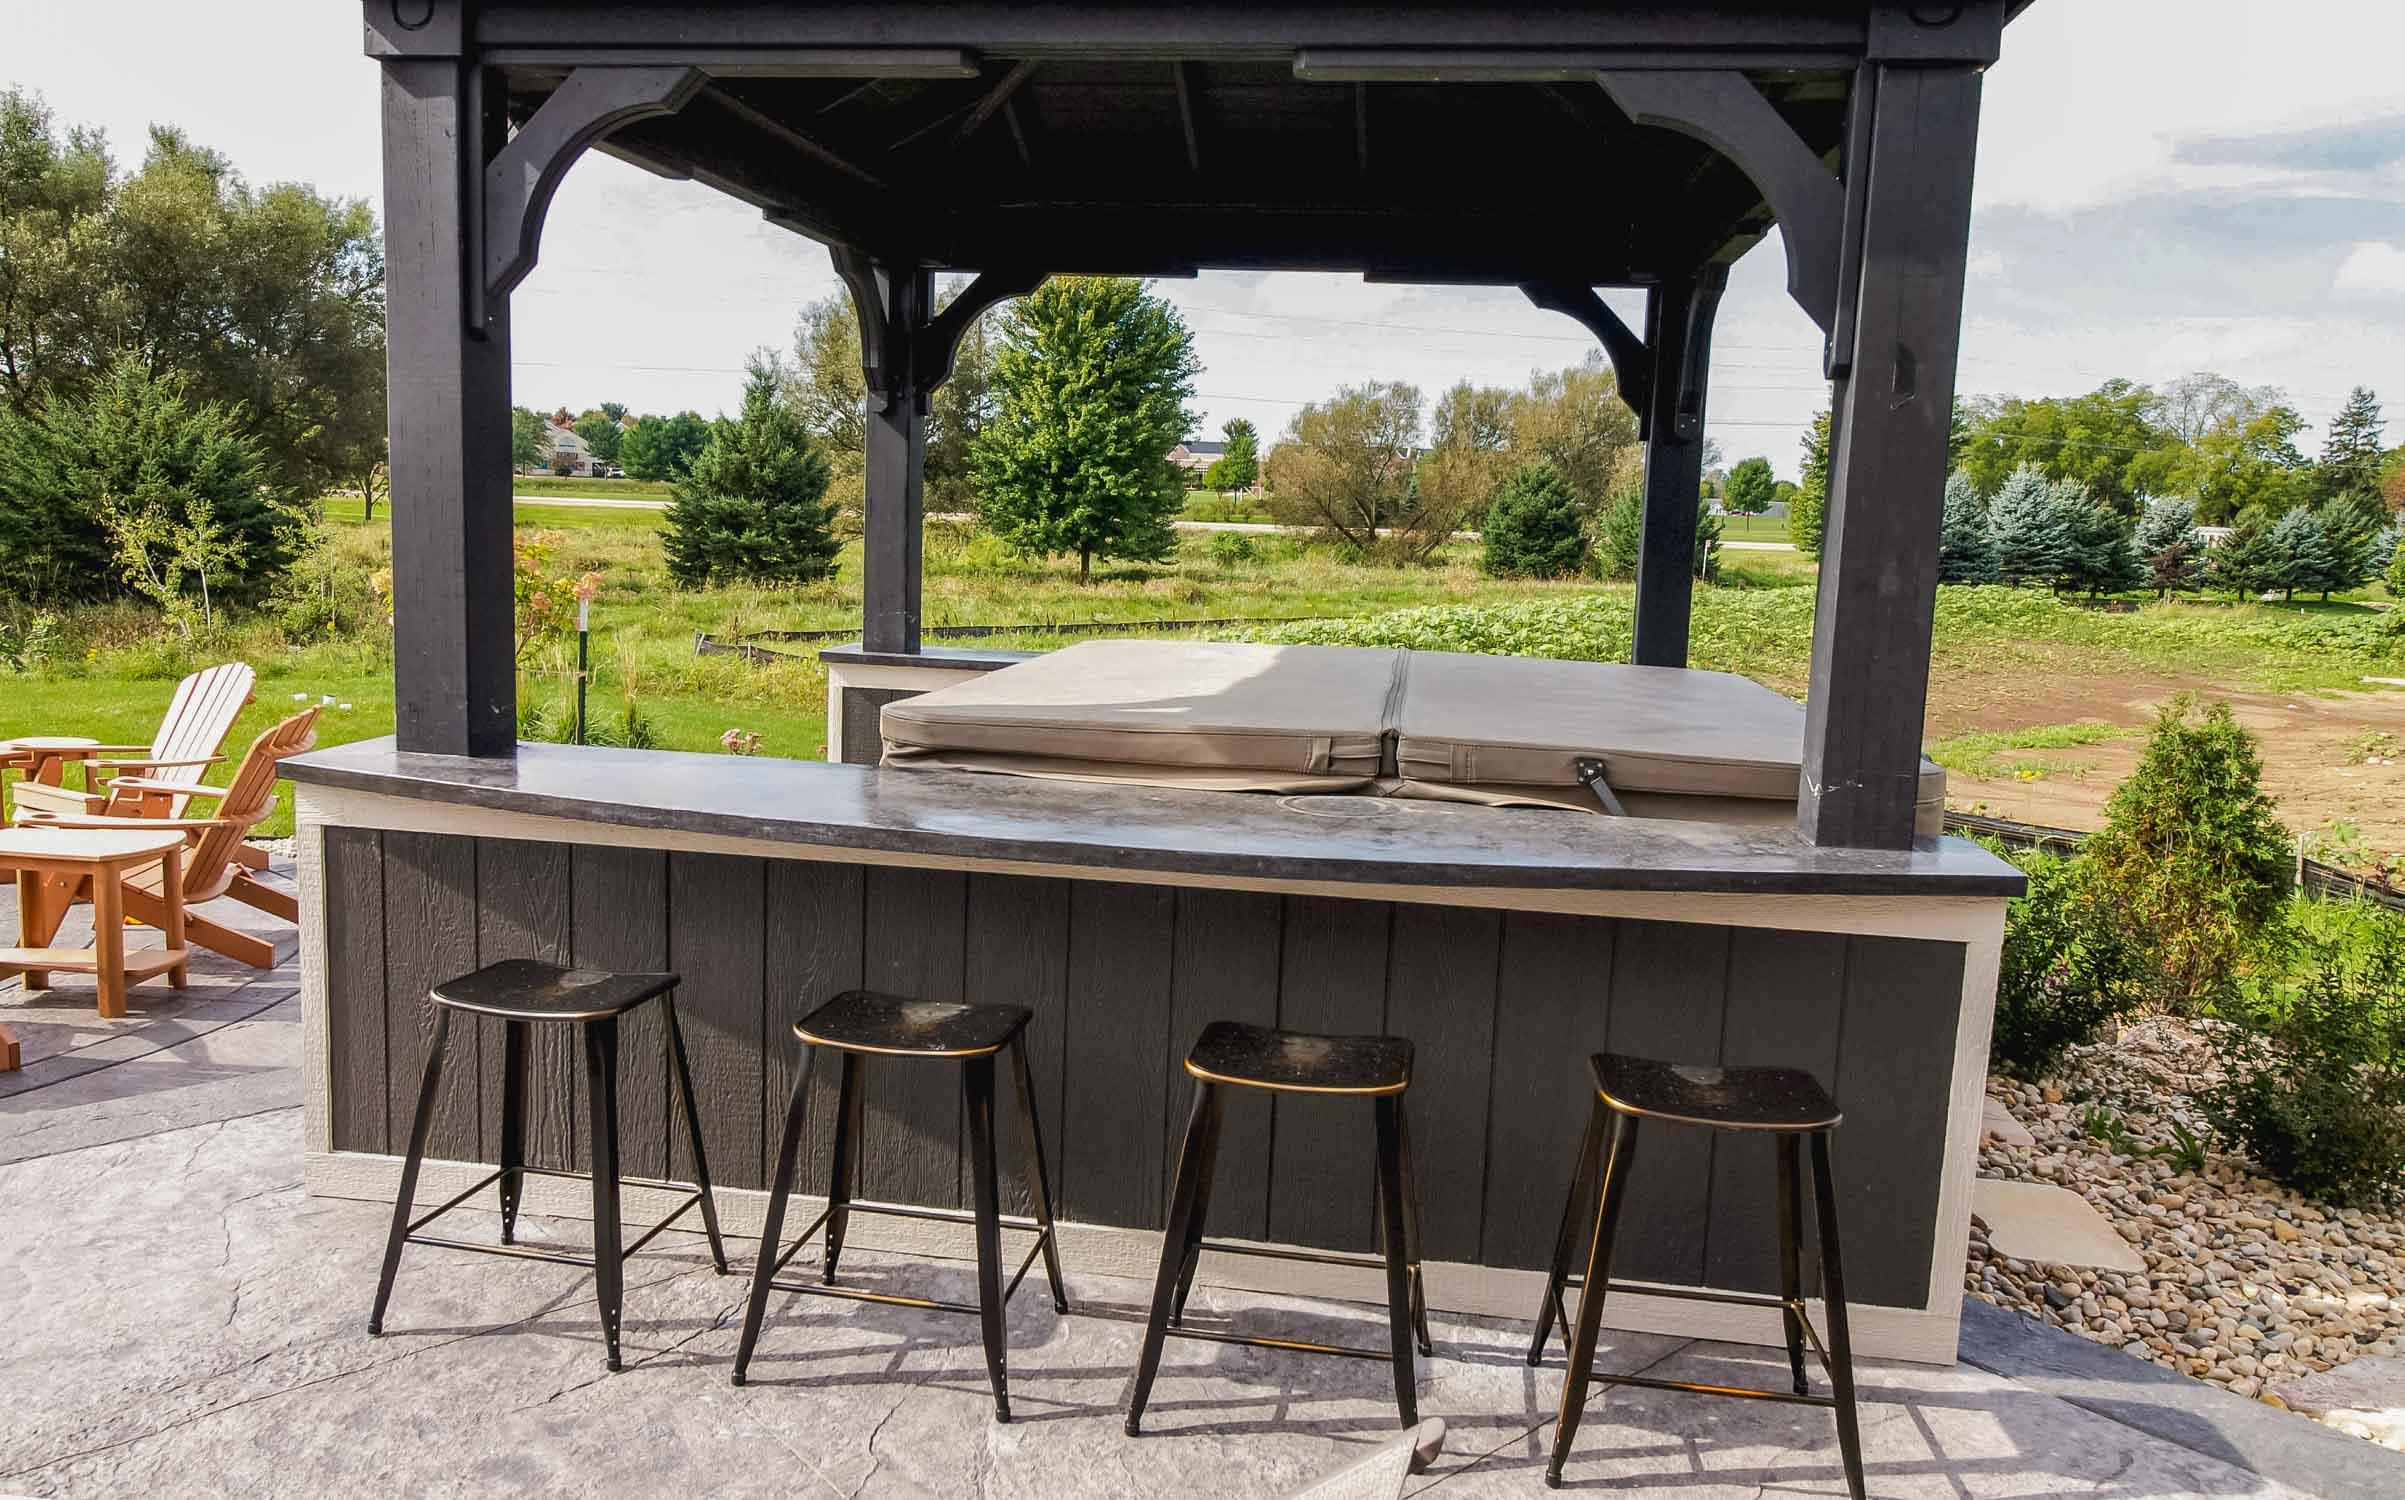 Hot Tub enclosure and Bar Seating